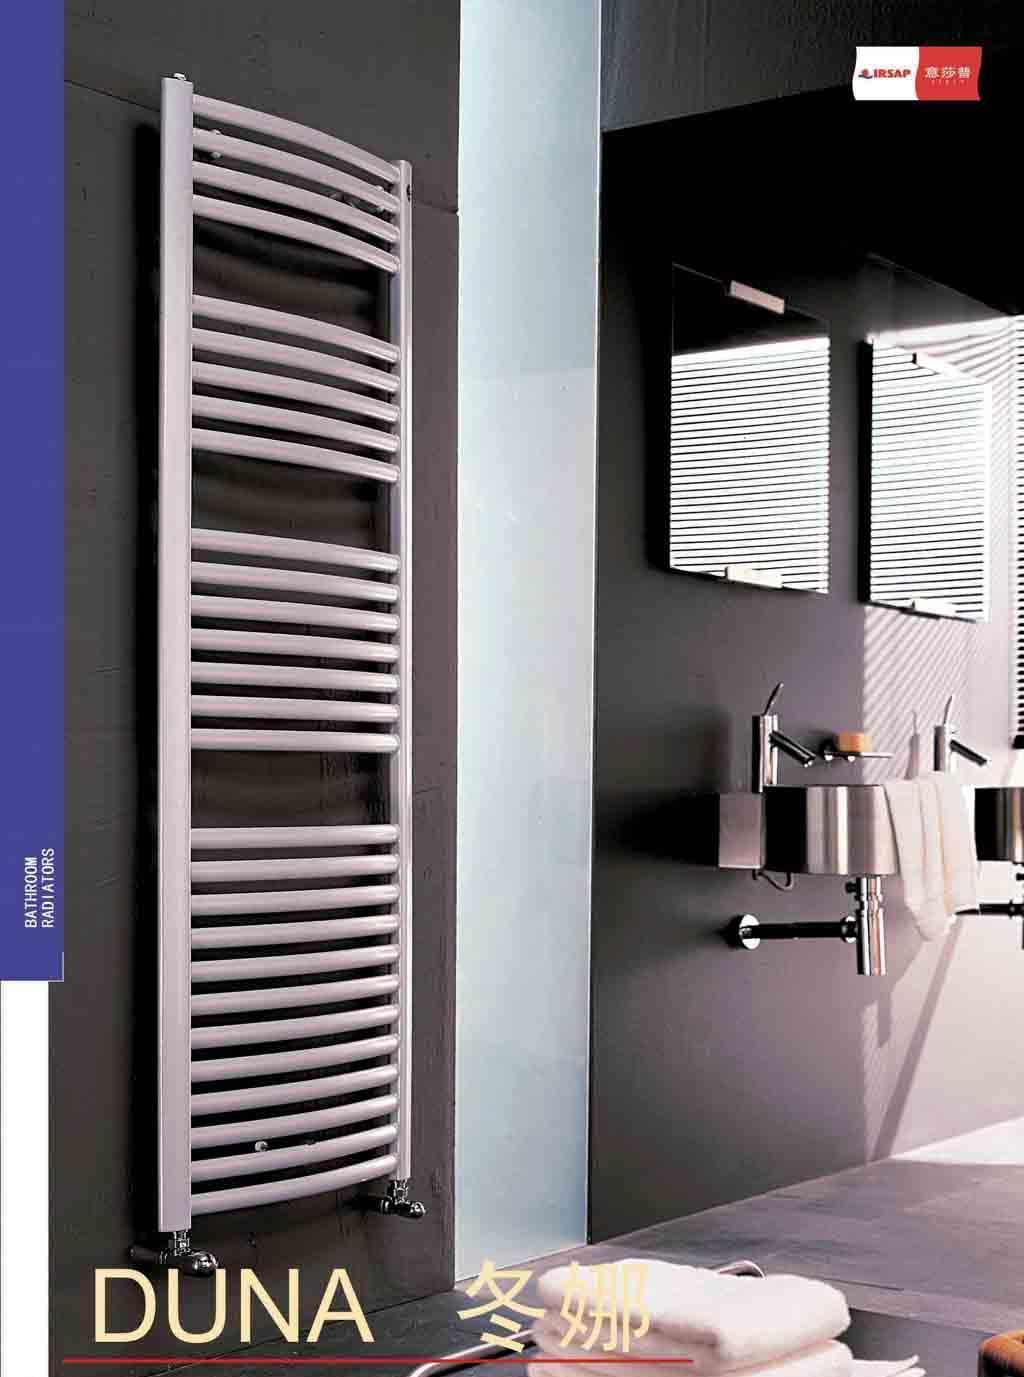 意莎普卫浴系列散热器冬娜.DN514DN514